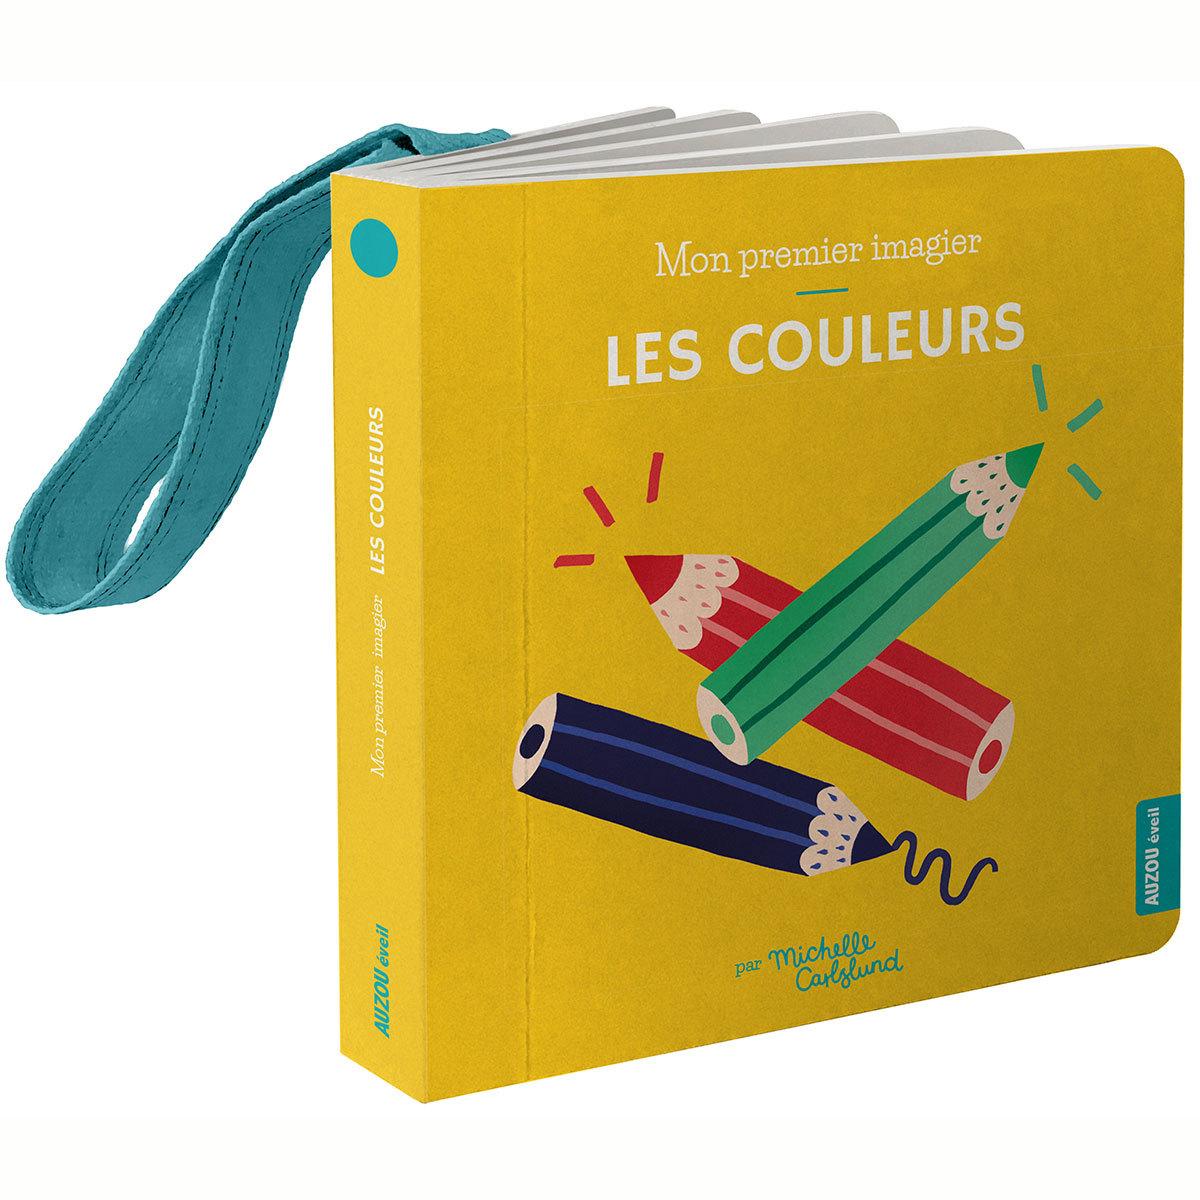 Livre & Carte Mon Premier Imagier Accroche-Poussette - Les Couleurs Mon Premier Imagier Accroche-Poussette - Les Couleurs